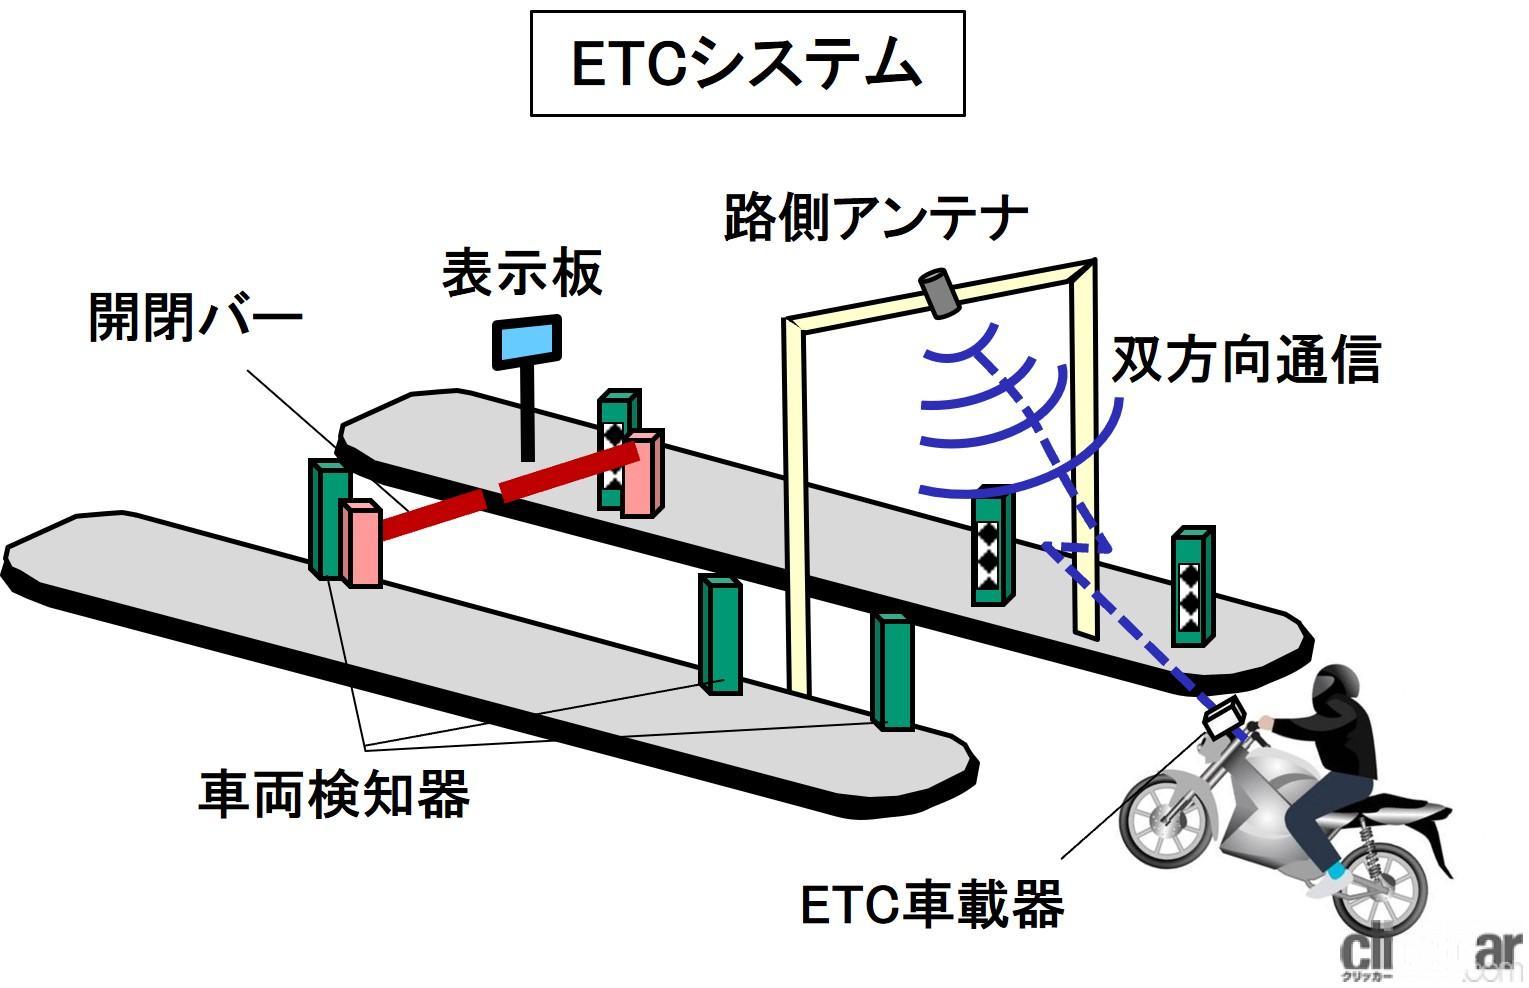 バイク用ETCとは?通信を使った高速料金の自動支払いシステム【バイク用語辞典:便利な装備編】